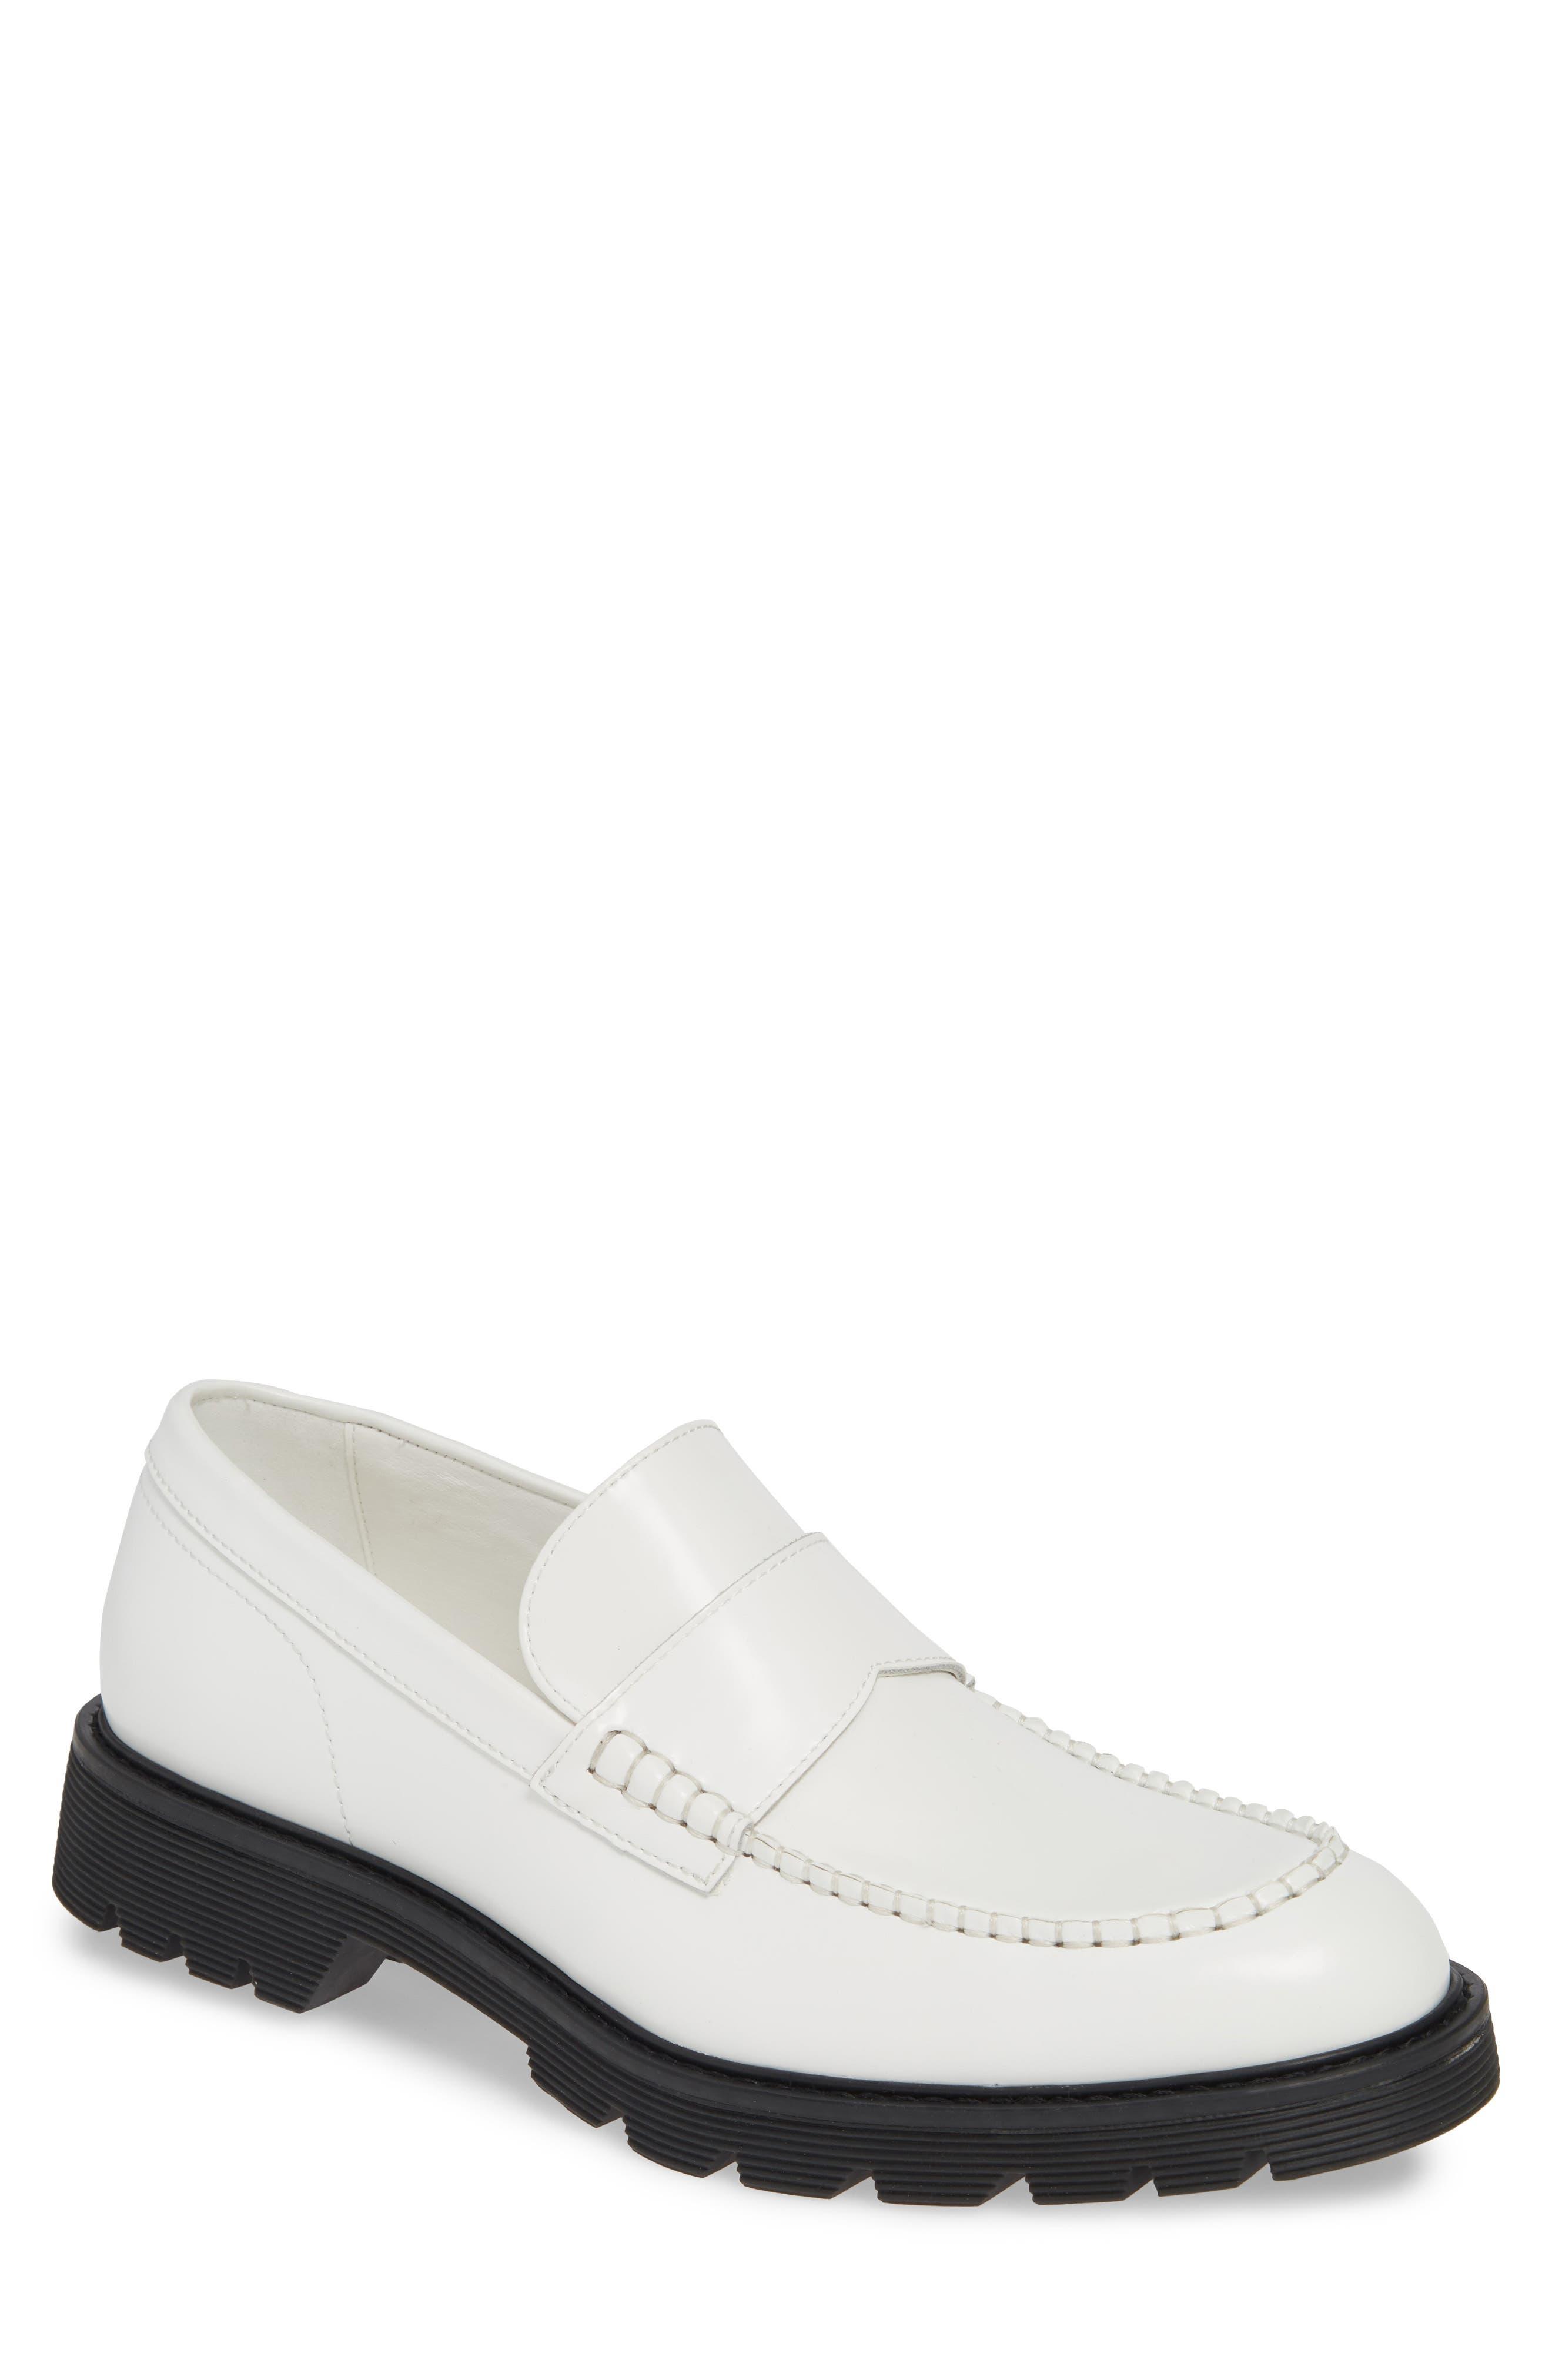 Calvin Klein Fletcher Loafer, White